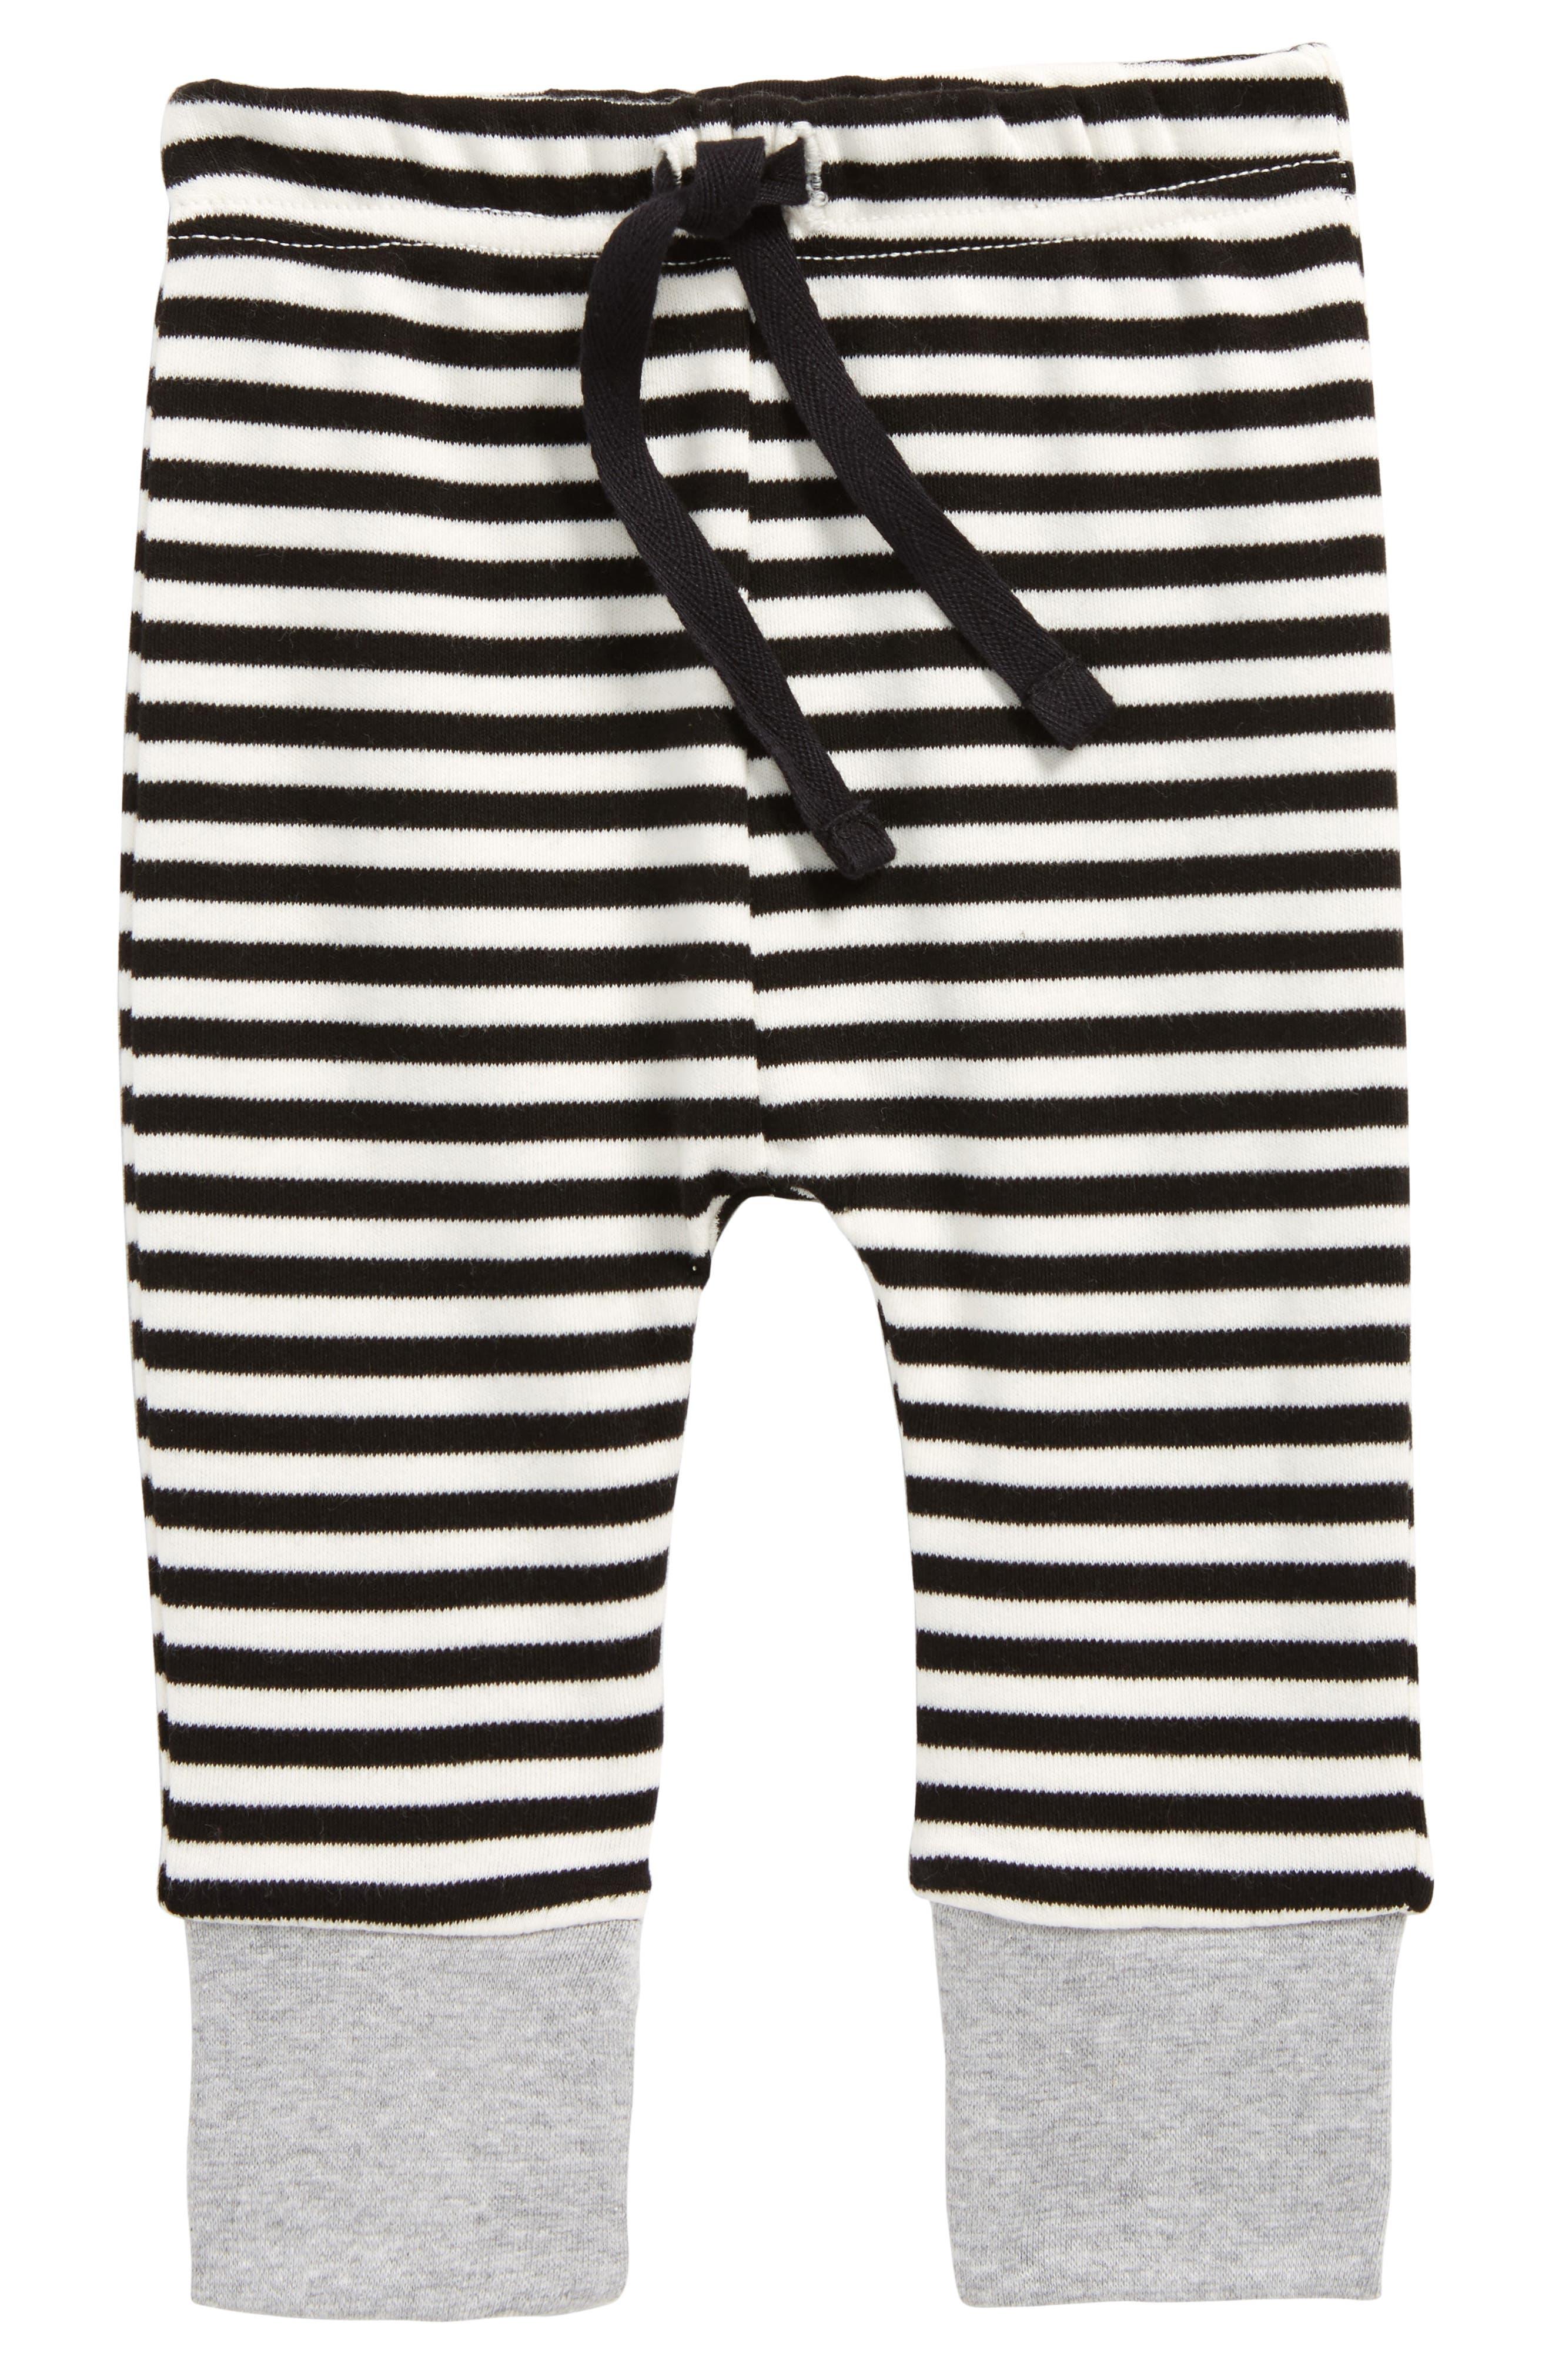 Stripe Organic Cotton Jogger Pants,                             Main thumbnail 1, color,                             Black/ Off White